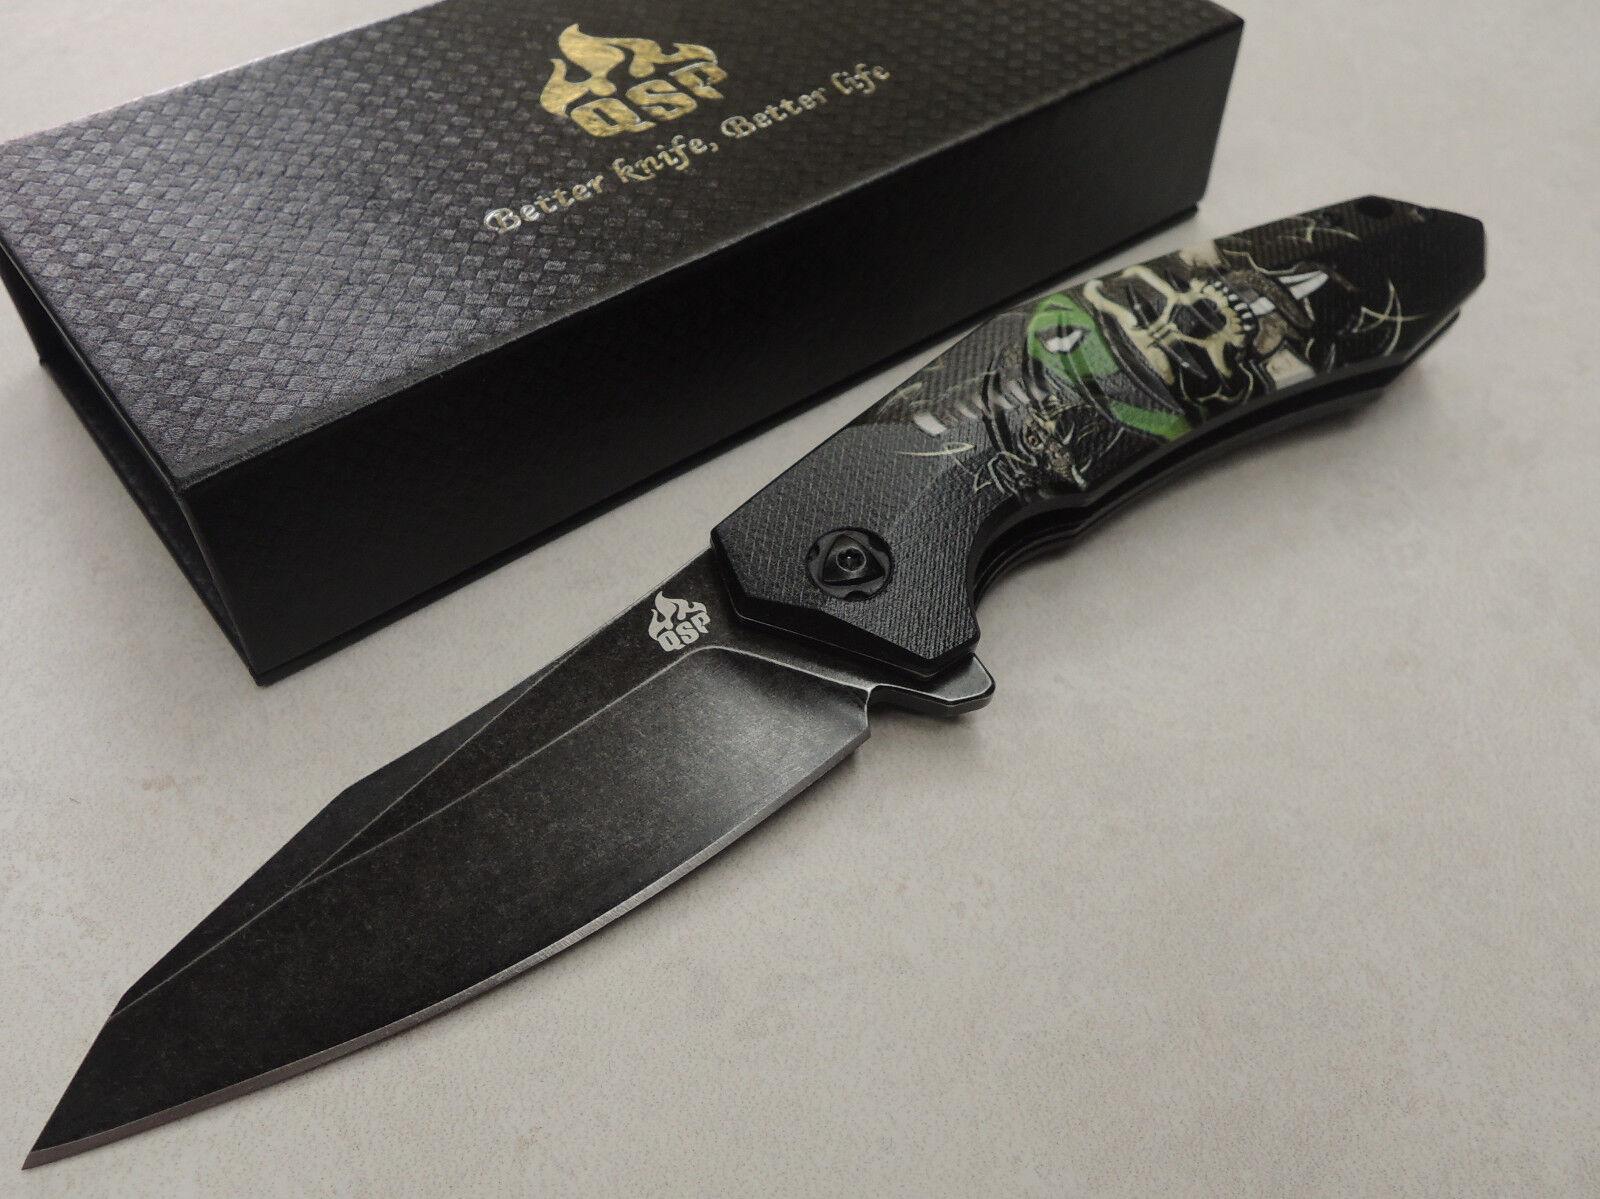 QSP Knives